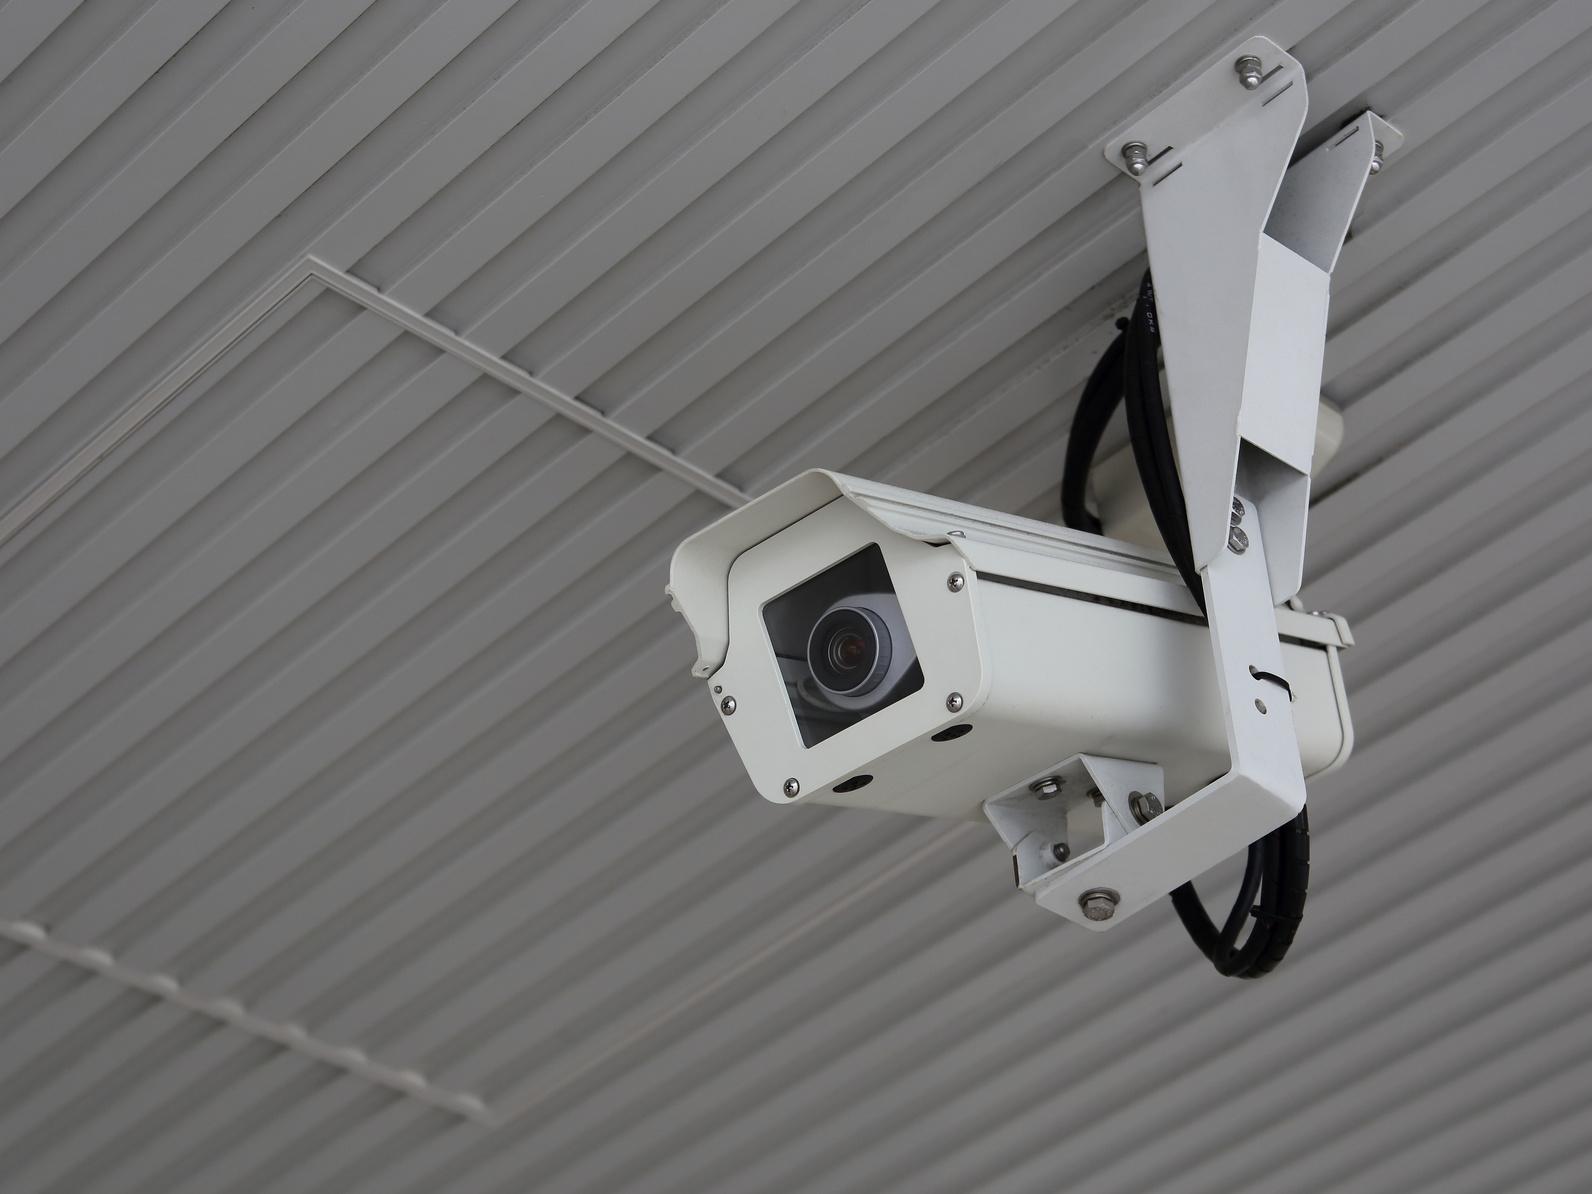 鮮明に映したい!防犯カメラも高画質カメラを選ぶ時代!